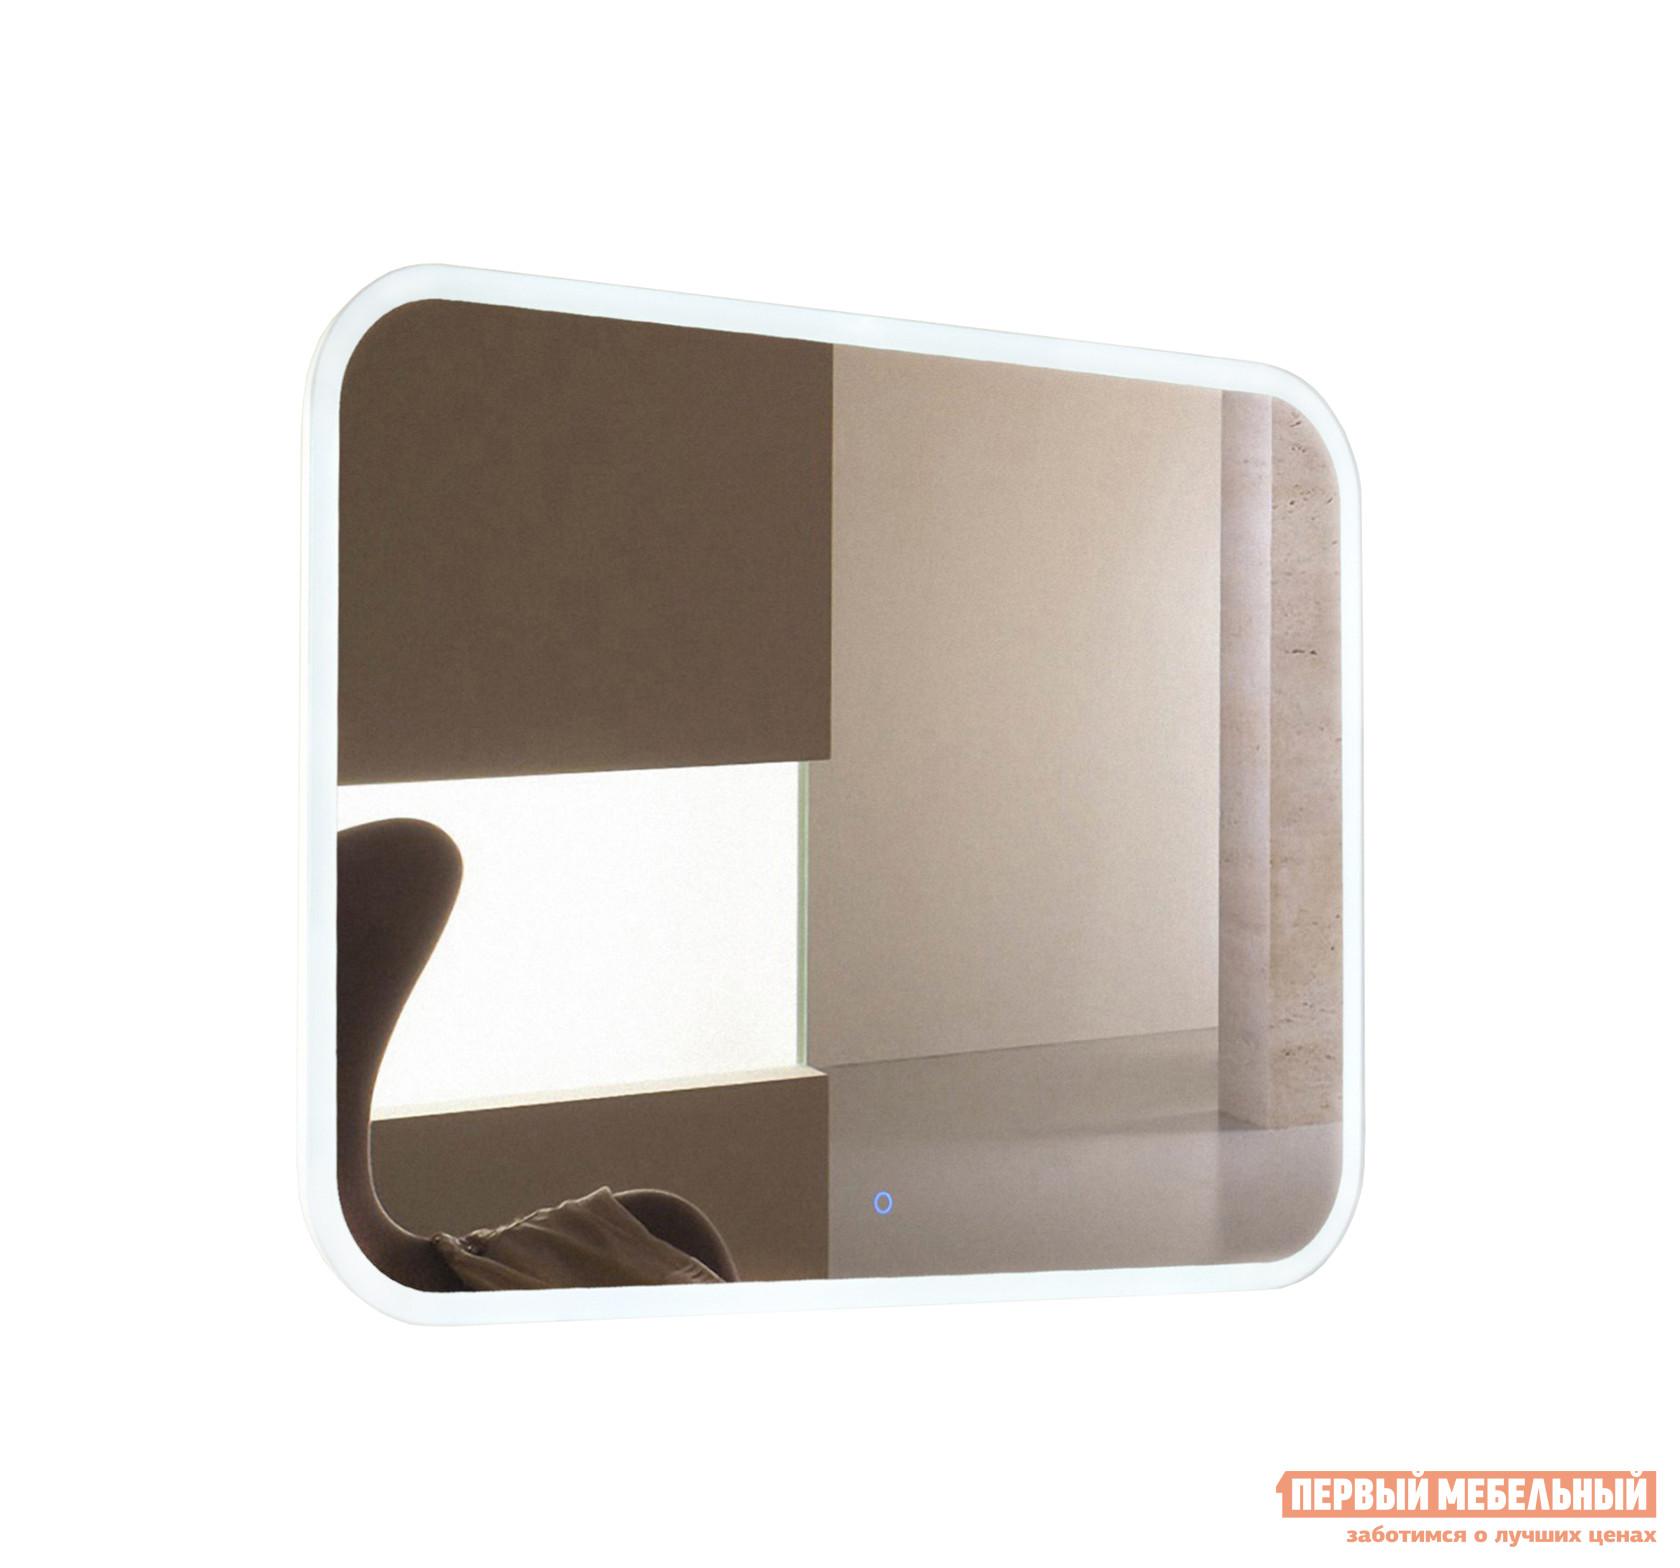 Настенное зеркало  ЗЛП29 Demure LED 915х685 Зеркало, С сенсорным выключателем